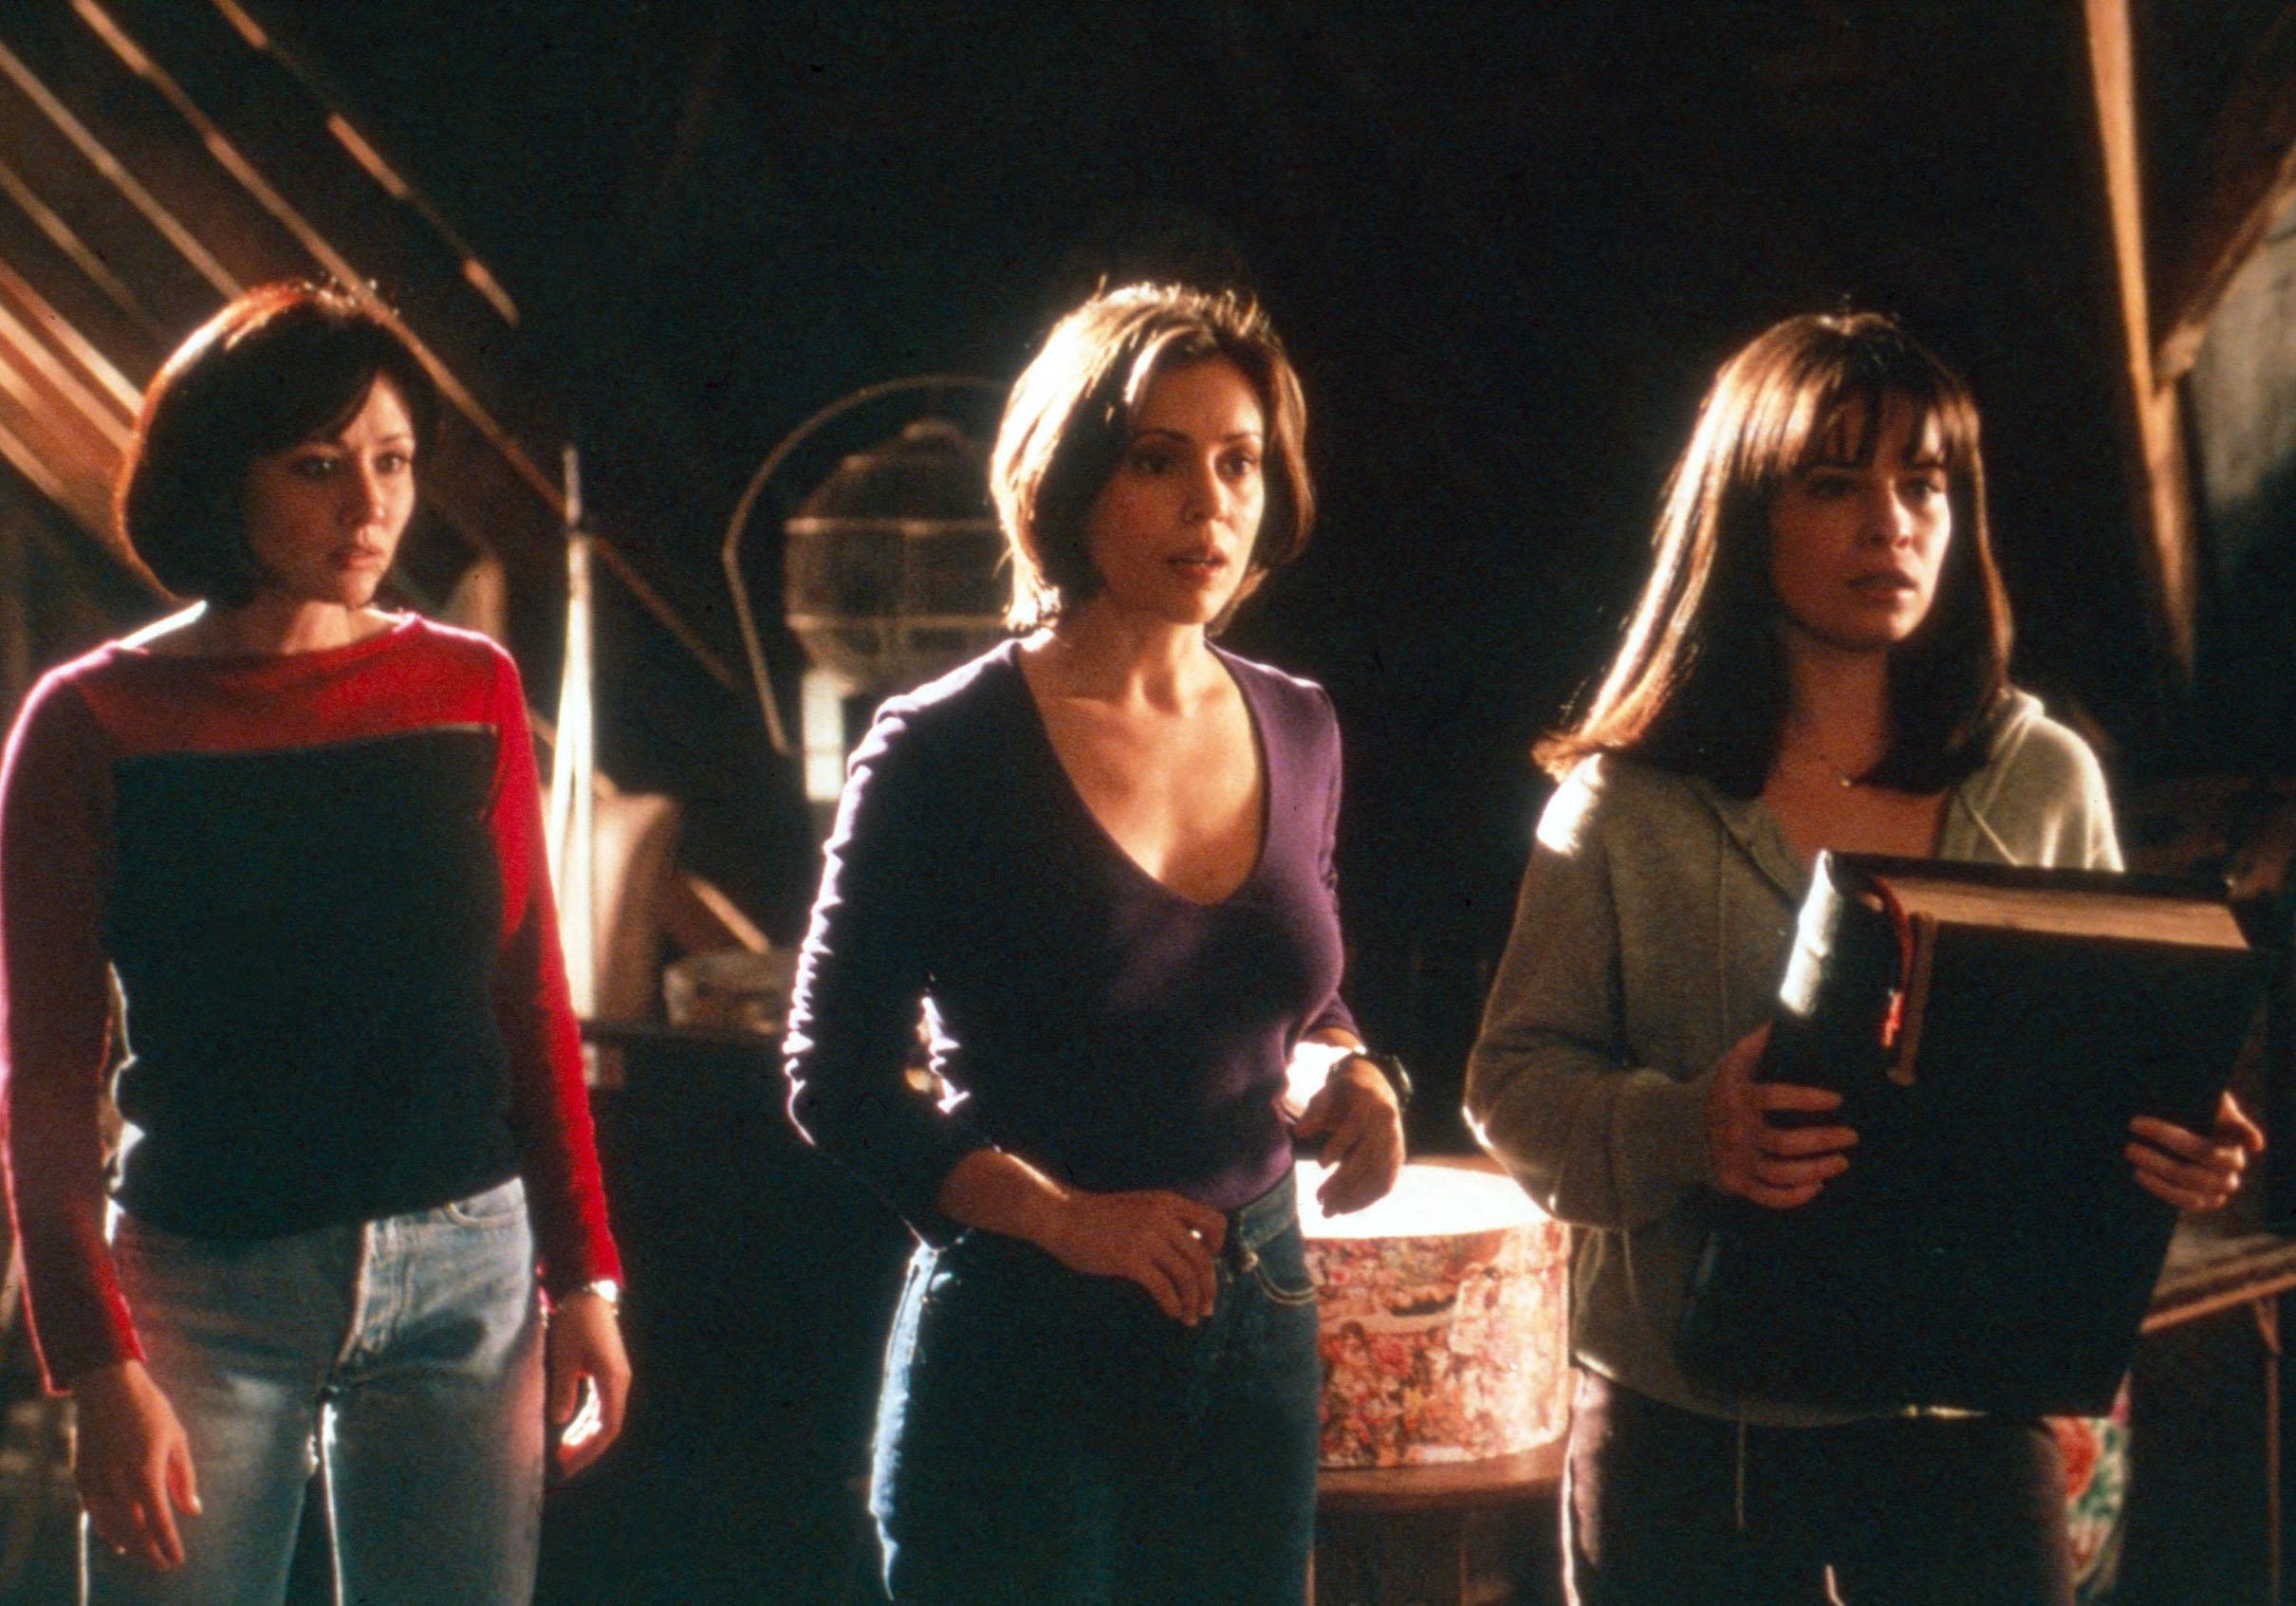 Charmed : l'intégrale de la série culte arrive sur Amazon Prime Video - Elle